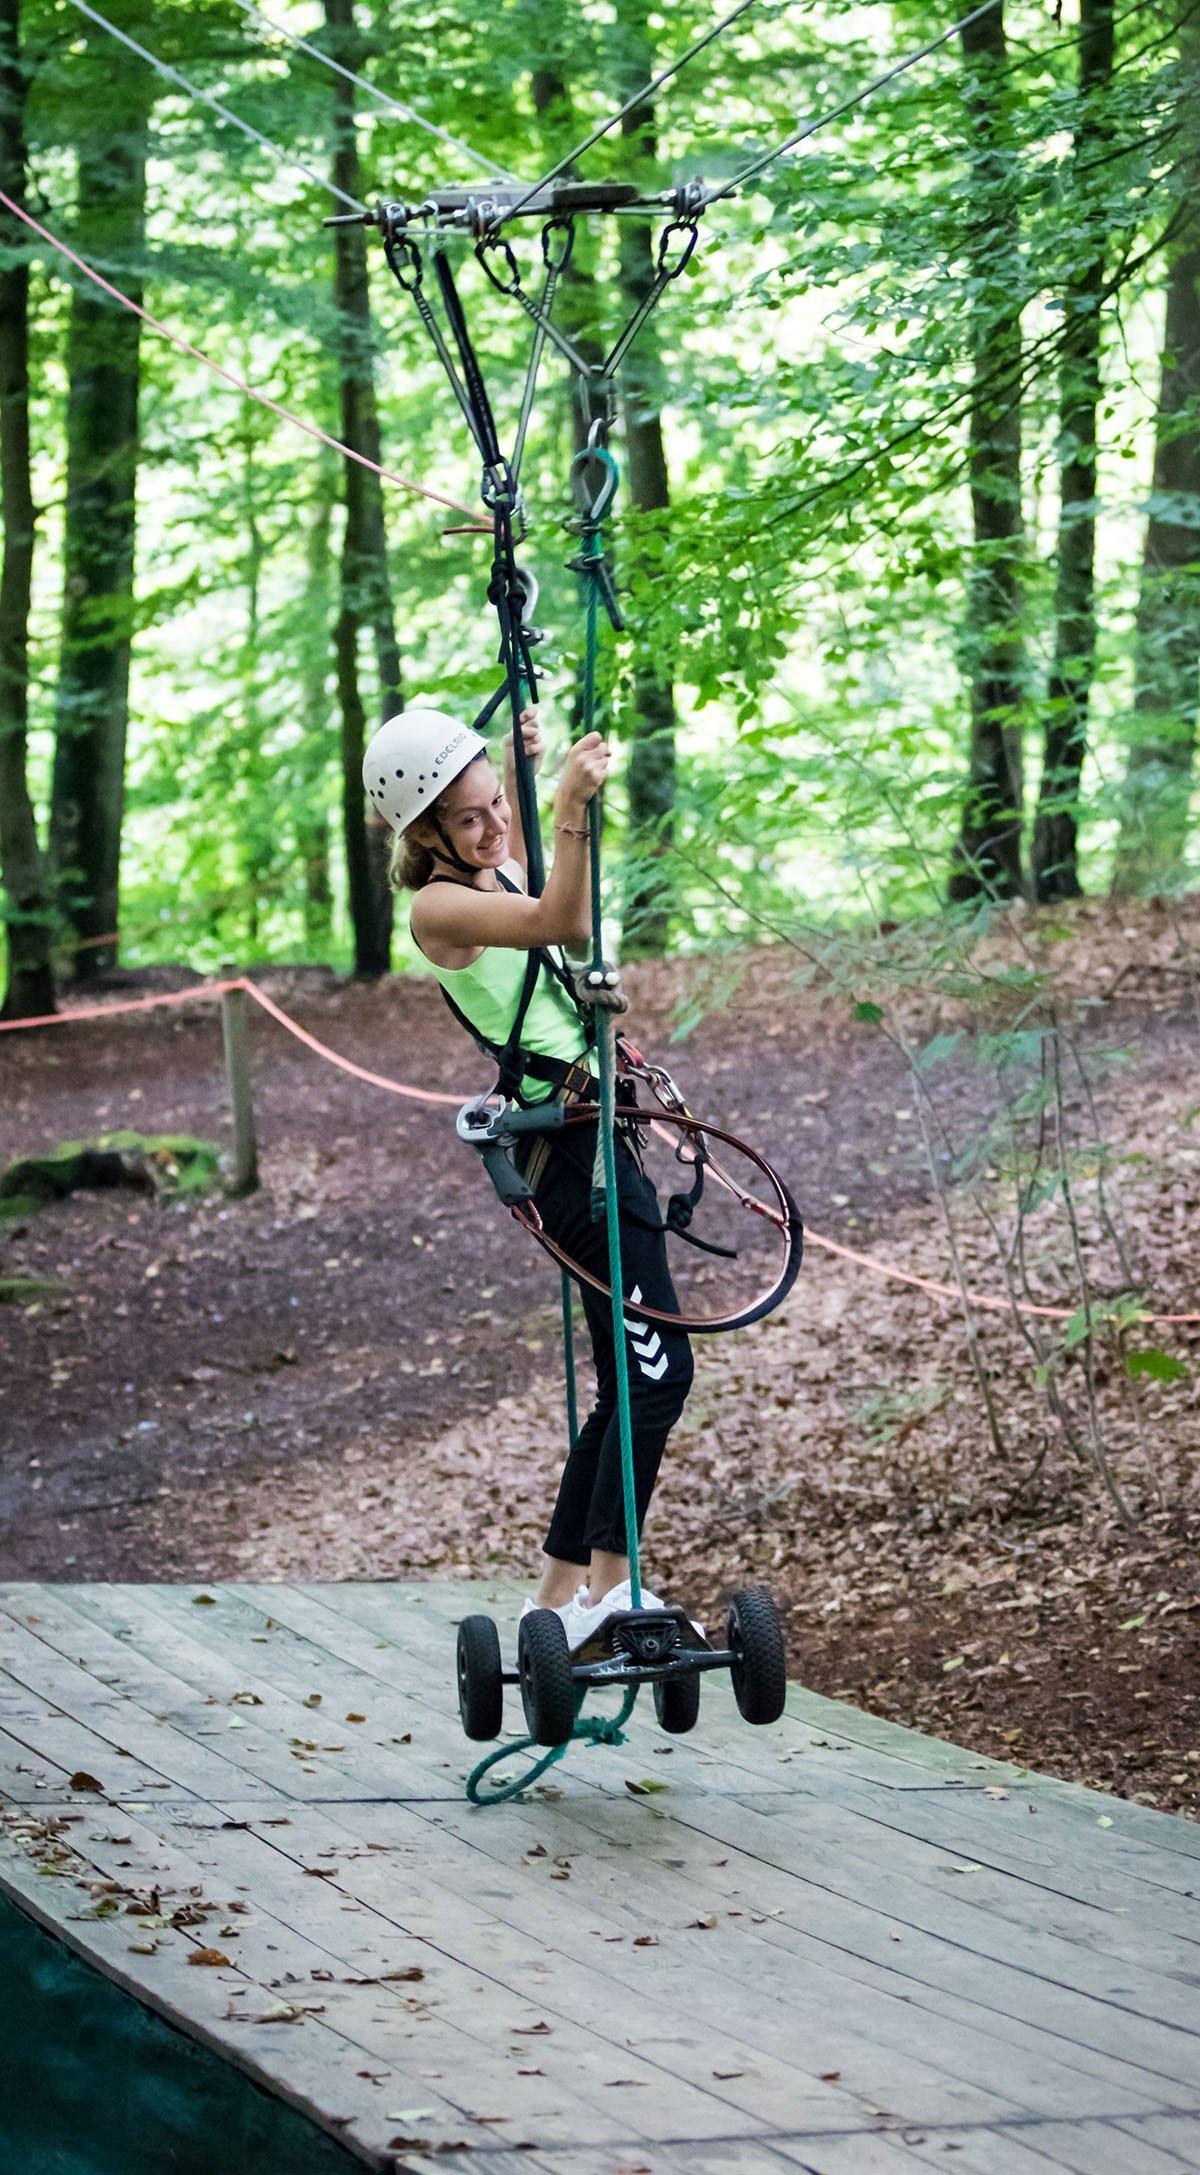 Hochseilgarten Altenhof Kletterspaß für die ganze Familie